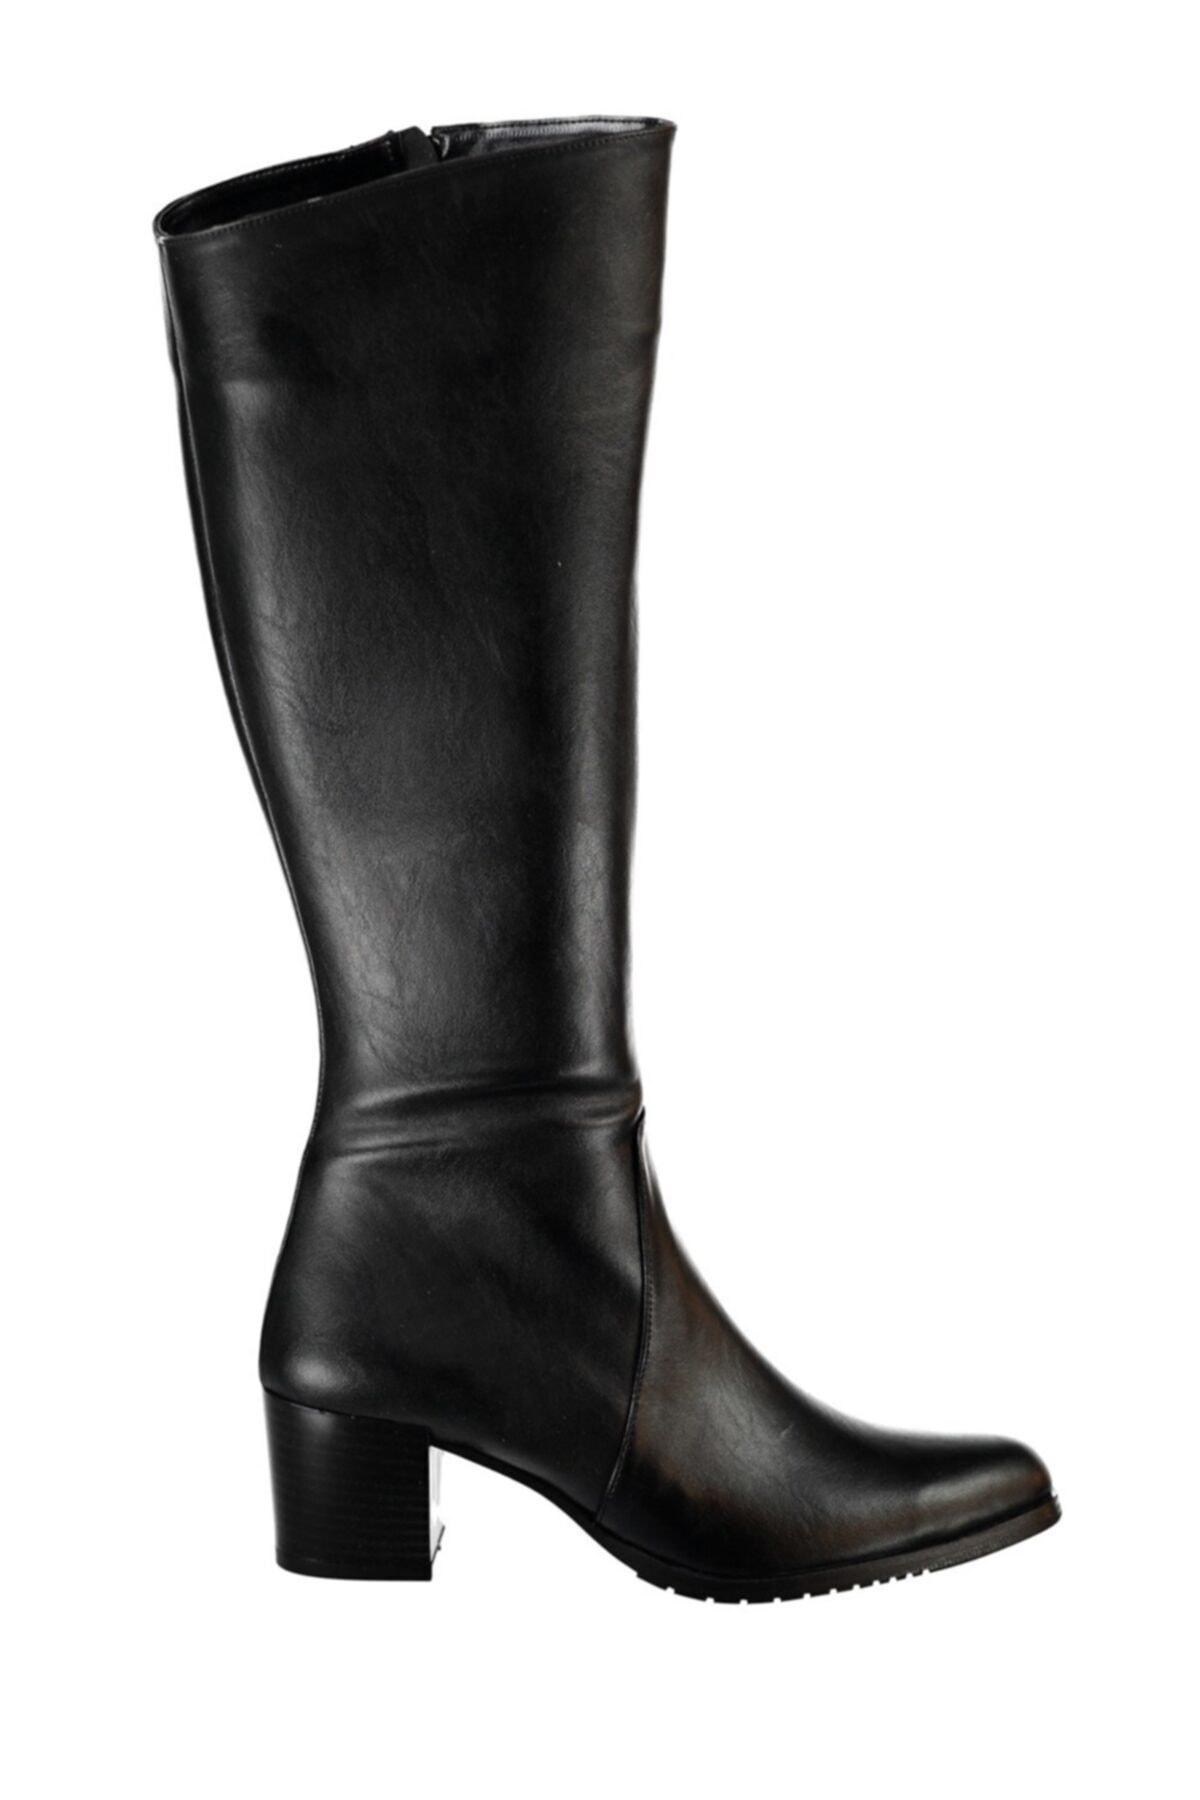 Fox Shoes Siyah Kadın Çizme A654252709 2